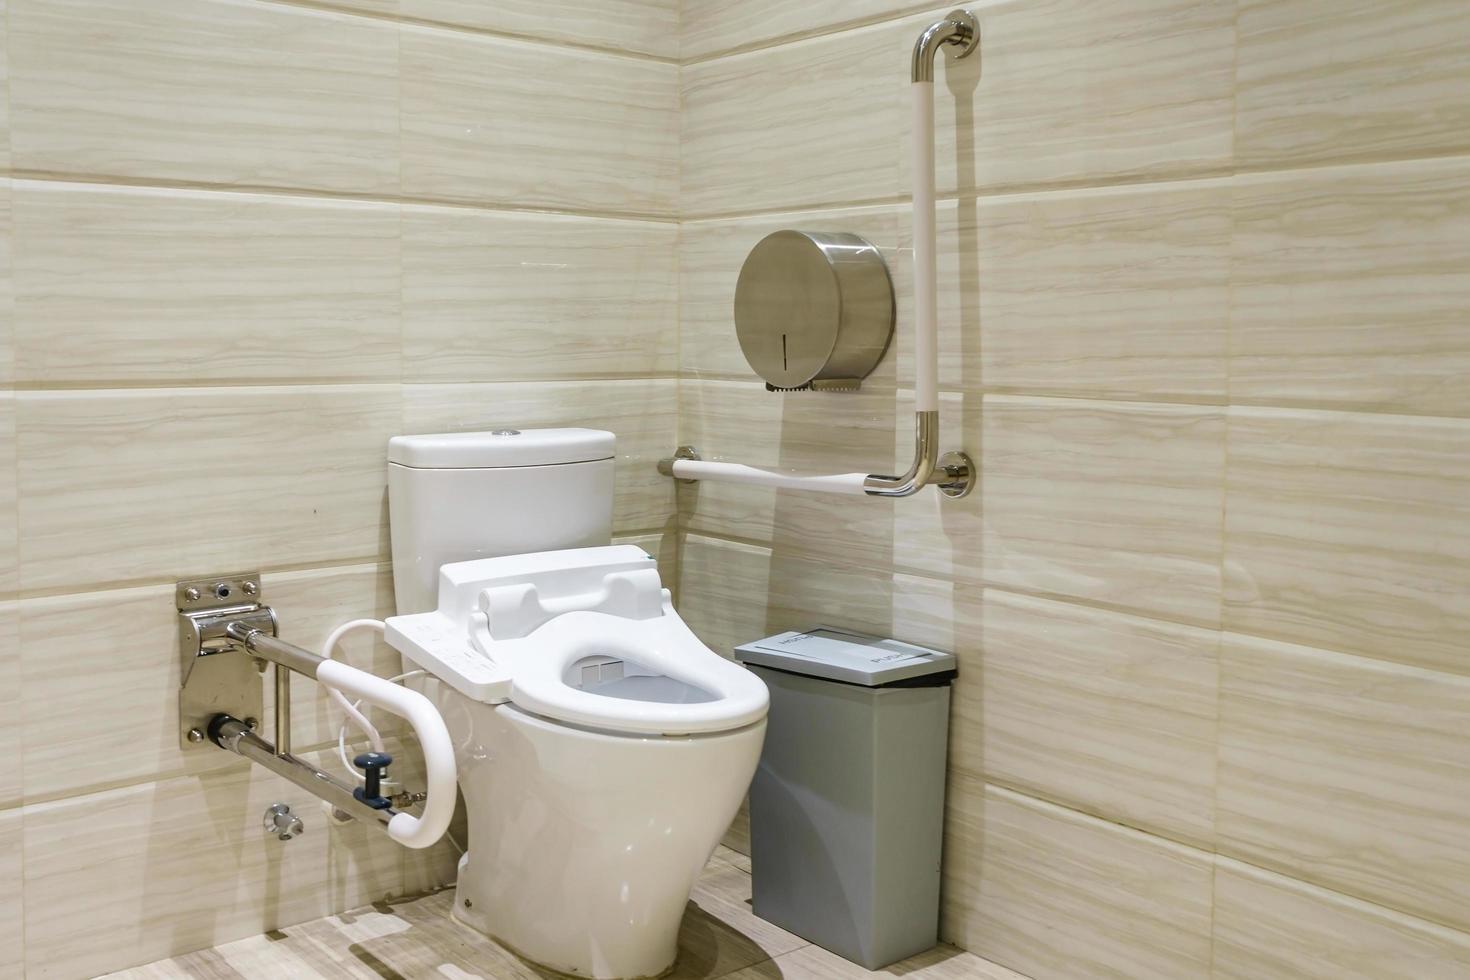 interno del bagno foto